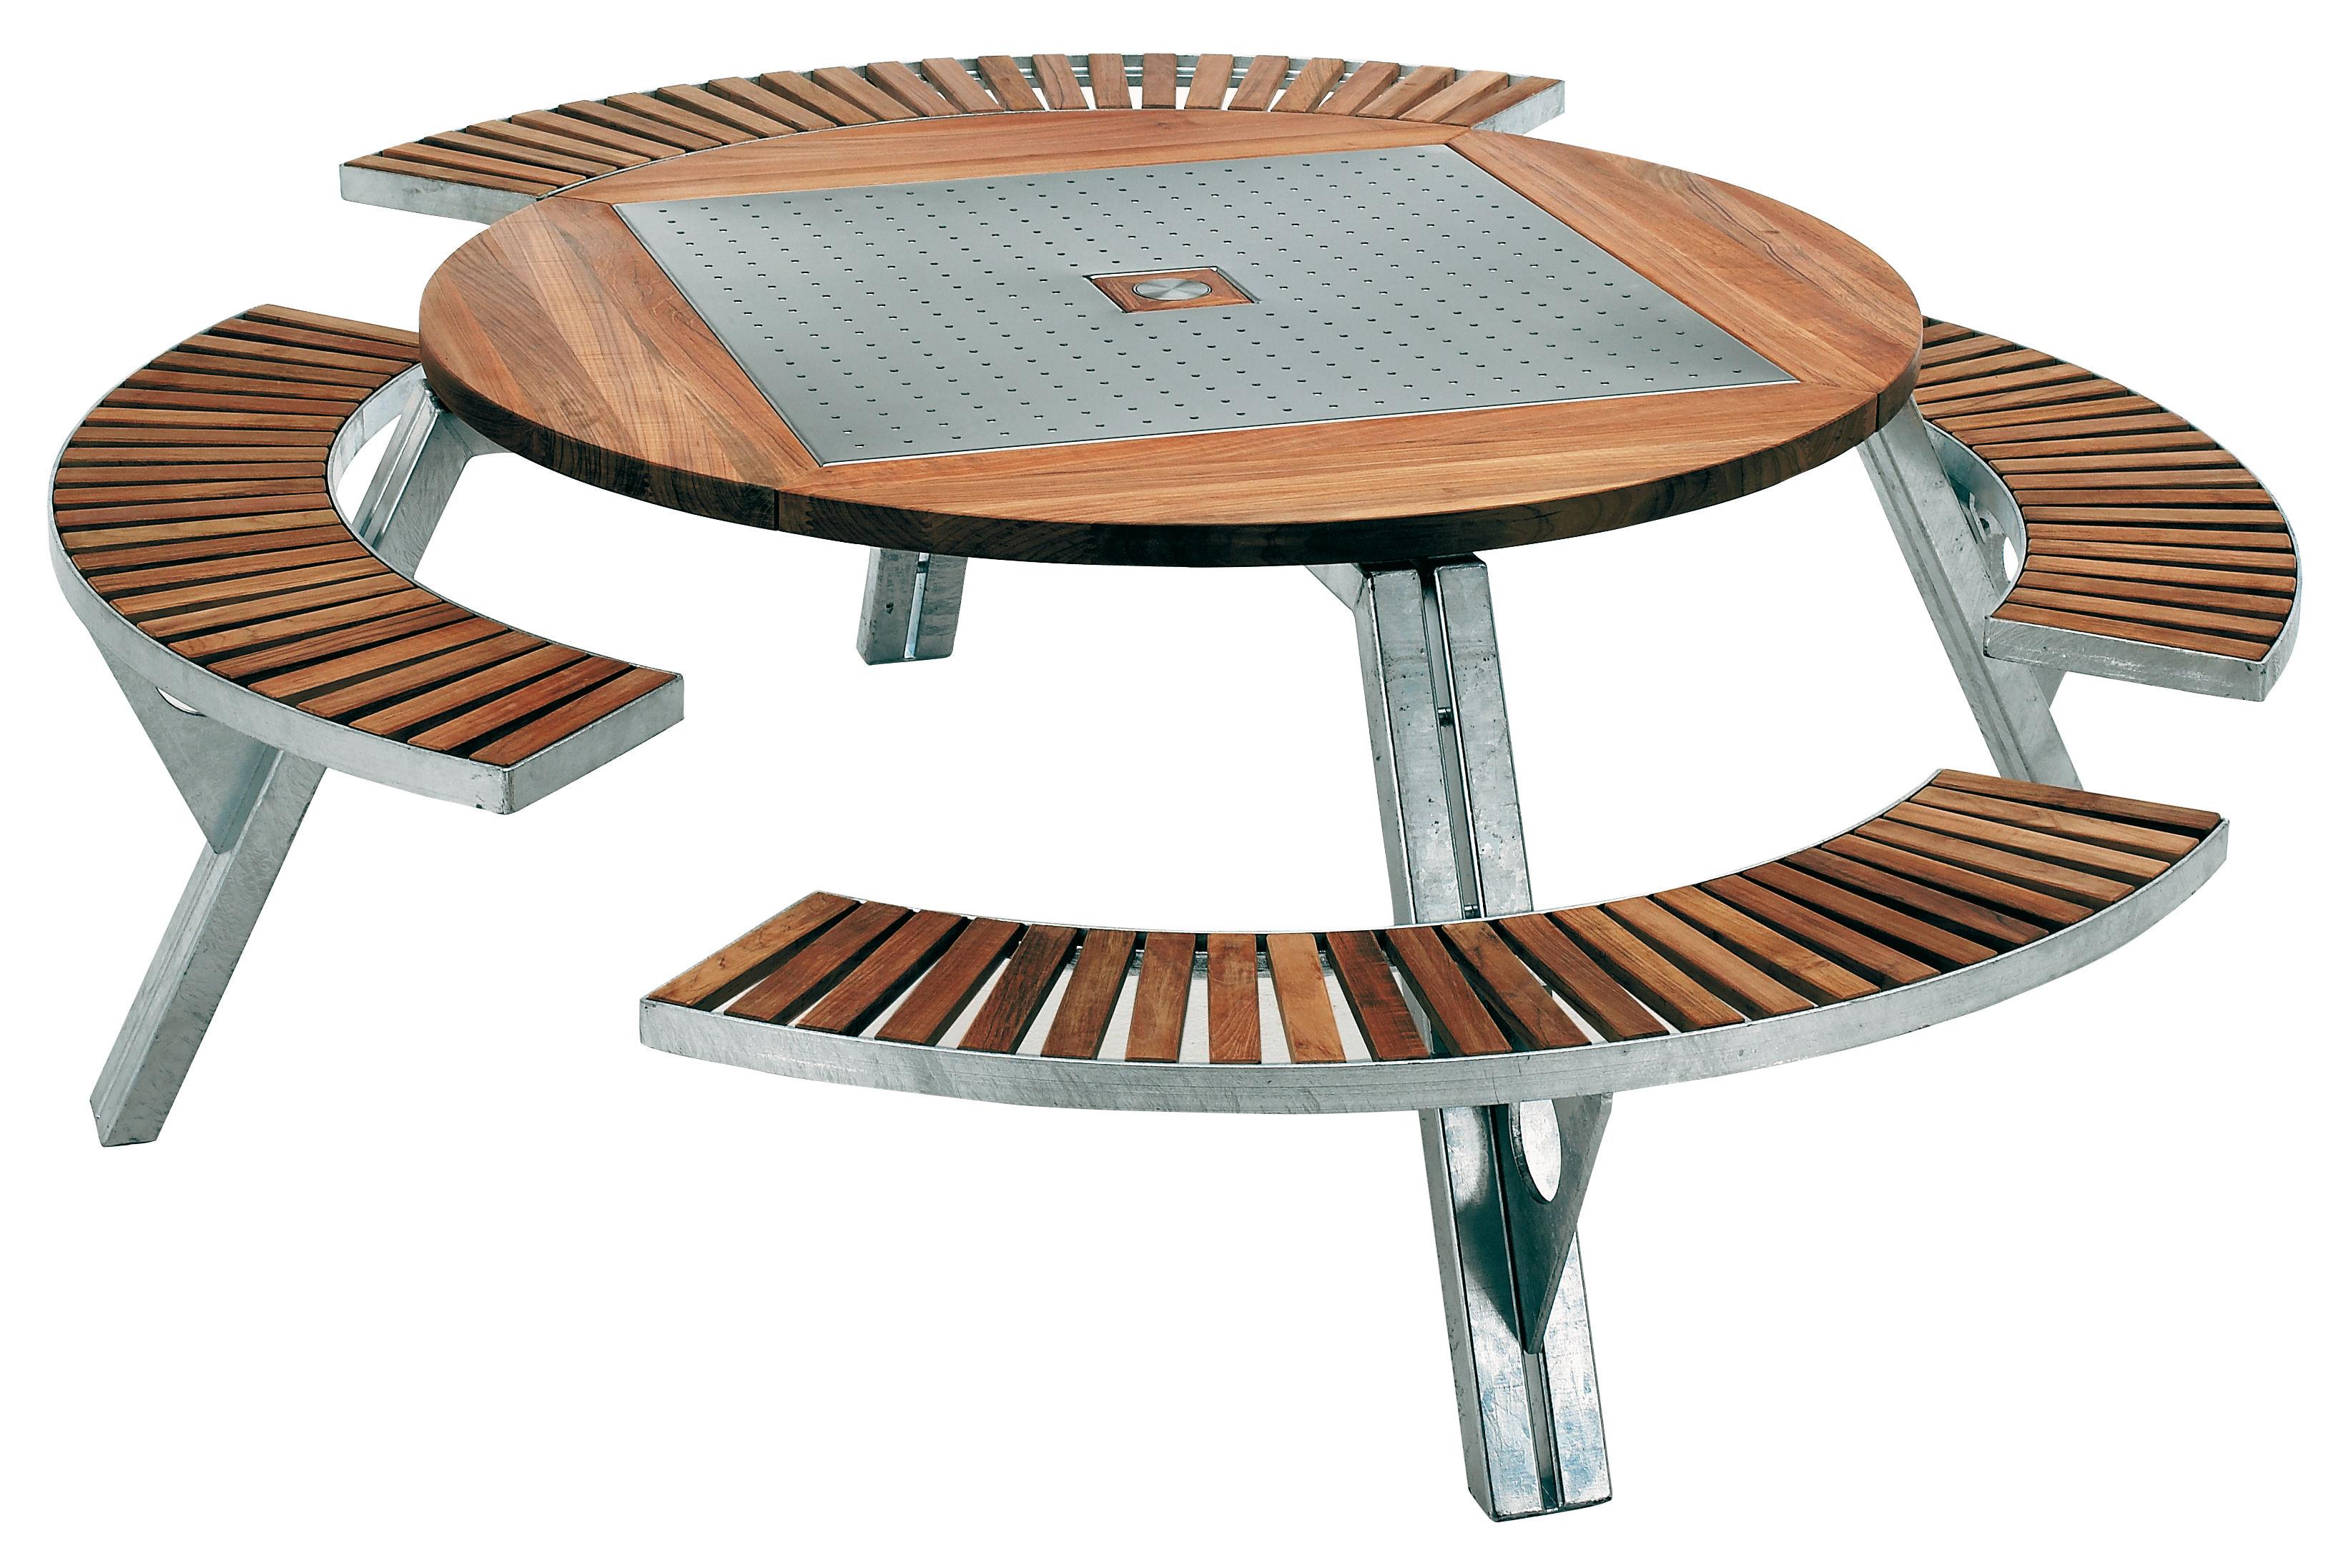 Outdoor - Tavoli  - Tavolo rotondo Gargantua - Set tavolo e panchina regolabile in altezza di Extremis - Teck / acciaio - Acciaio galvanizzato, Legno di iroko